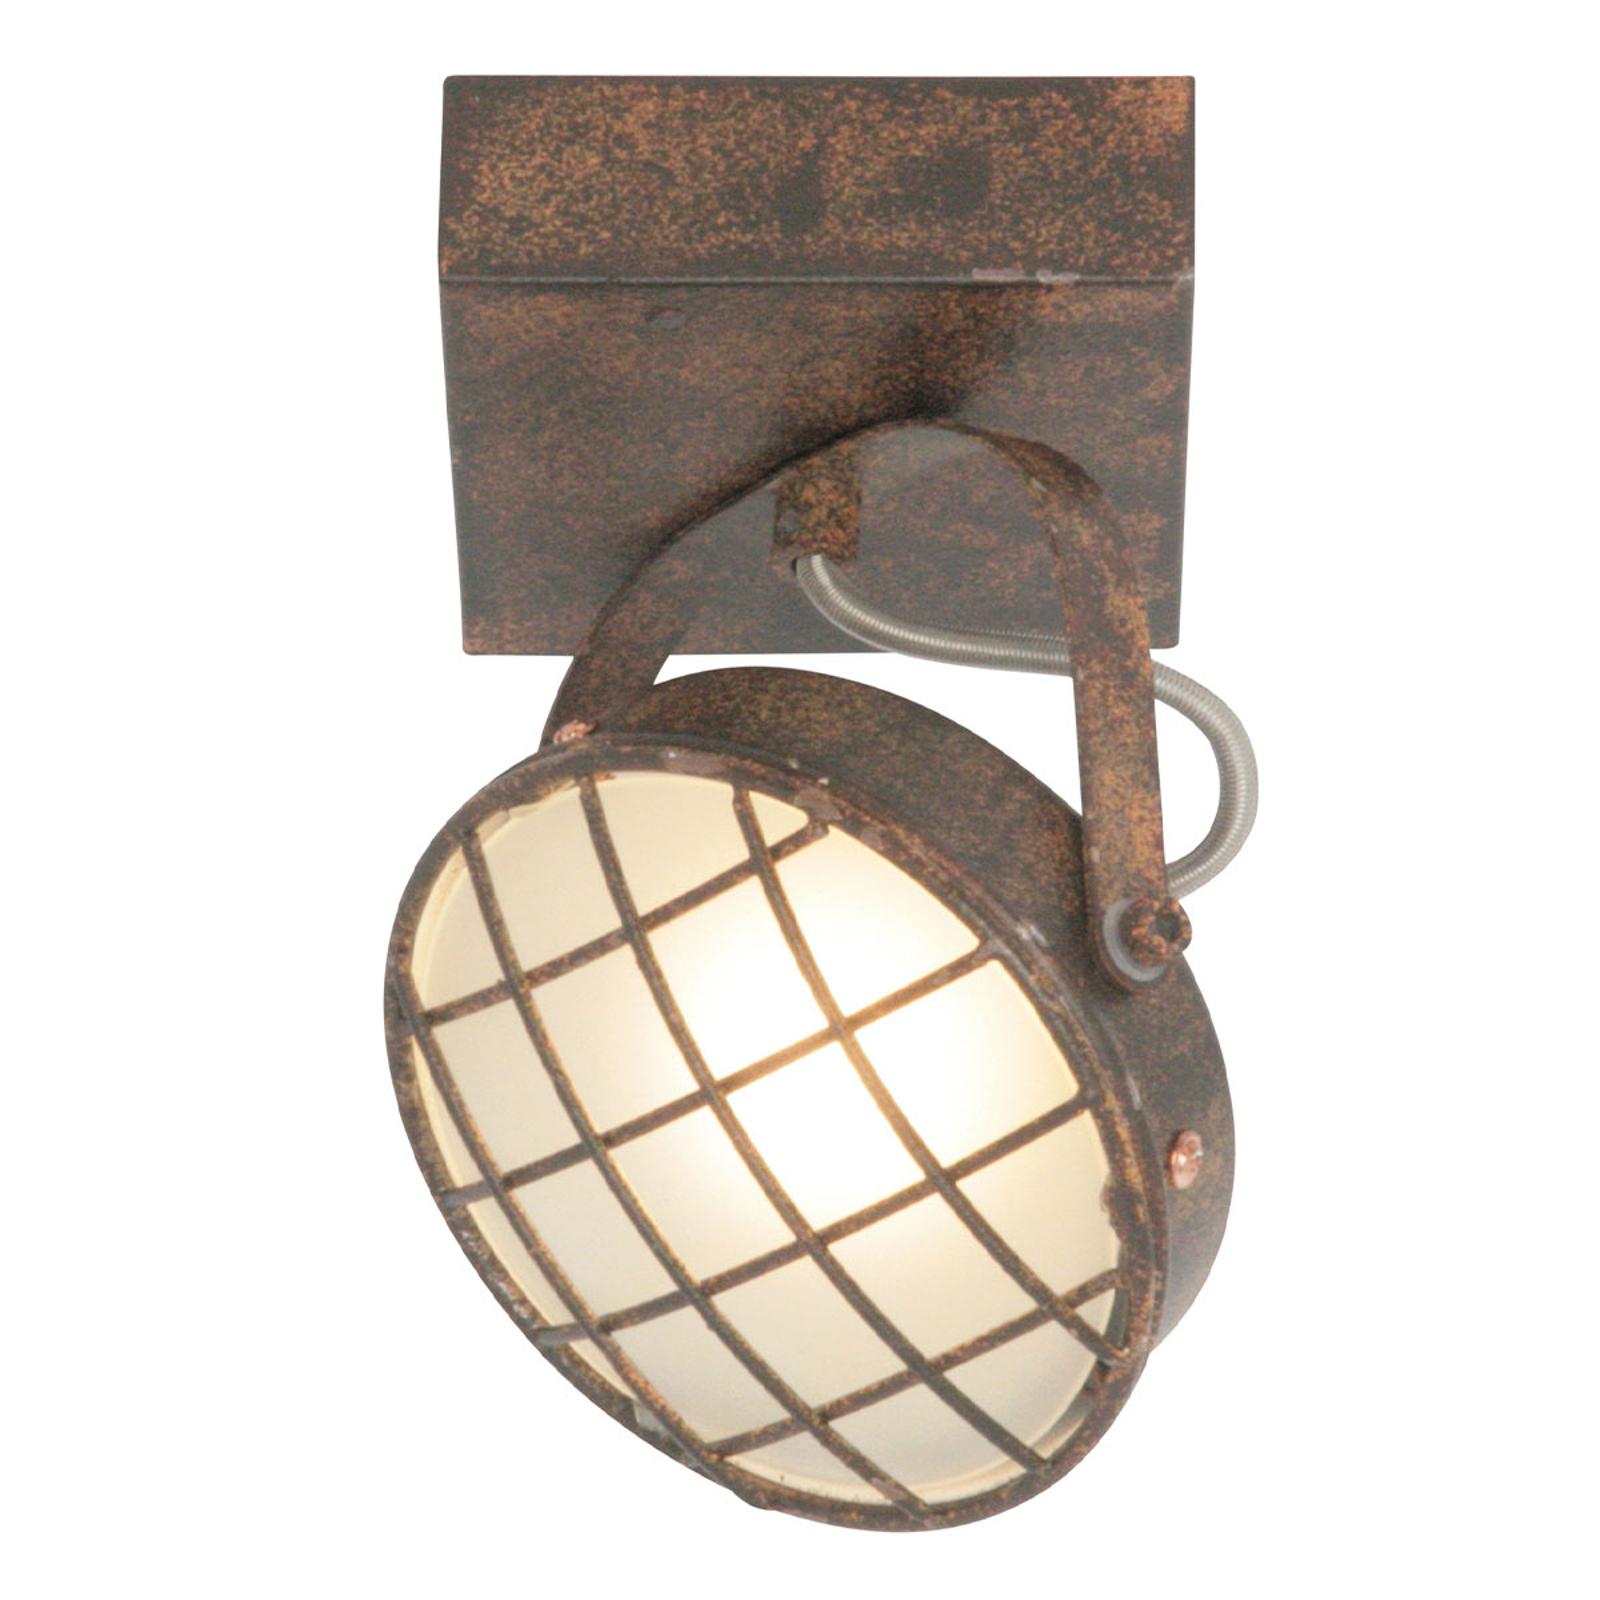 LED-Deckenleuchte Lazaro, rostbraun, 1-flammig